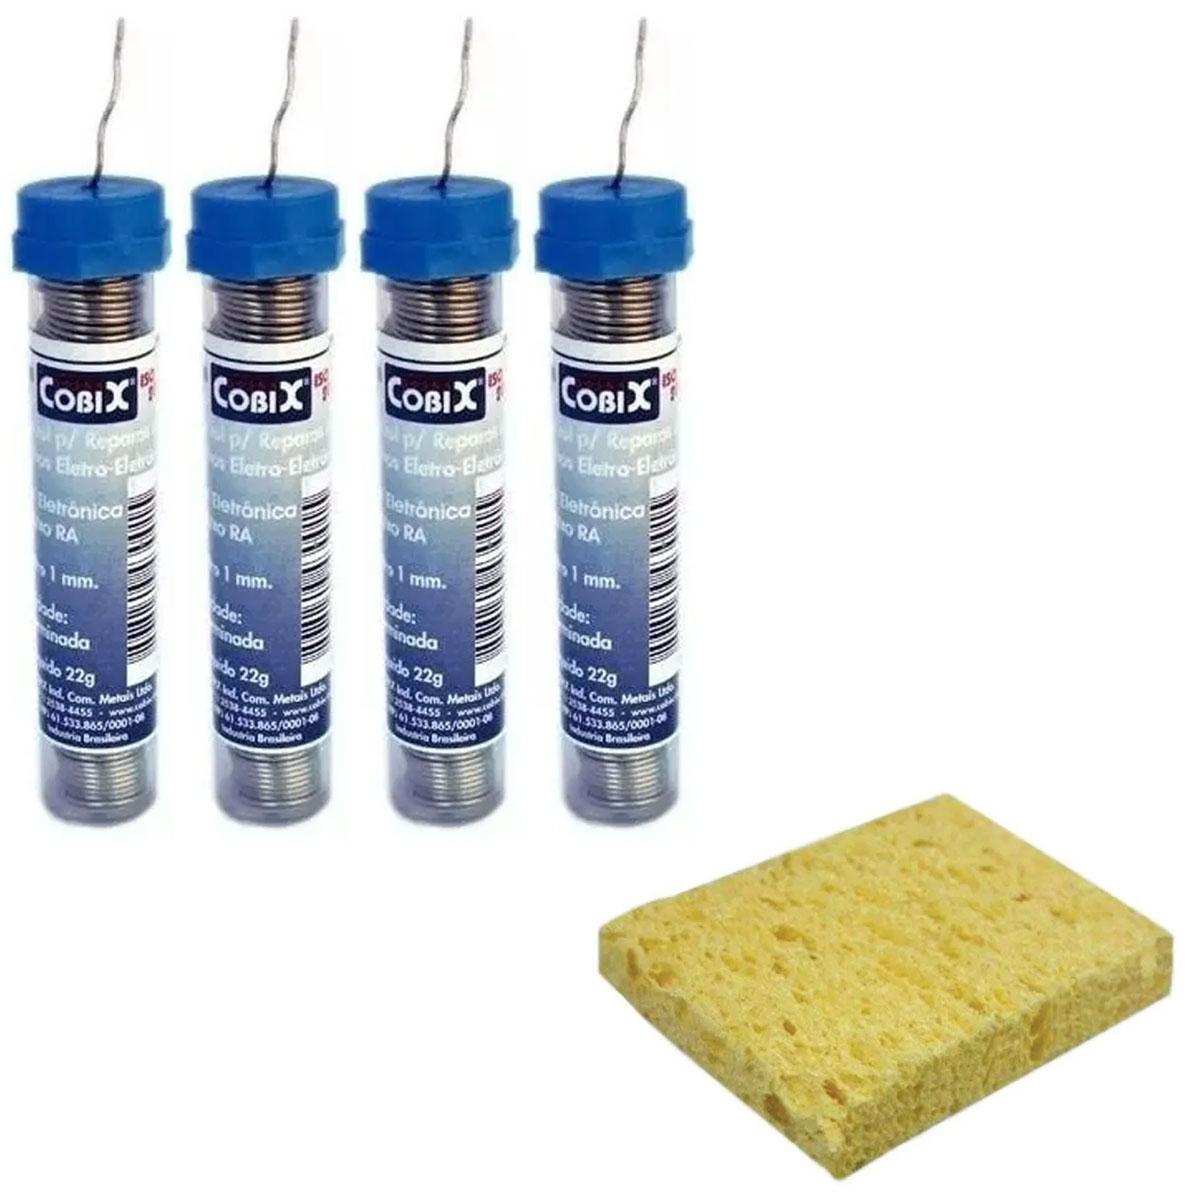 4 Tubos de Solda Estanho 1mm 22g Cobix + 1 Esponja para Ferro de Solda